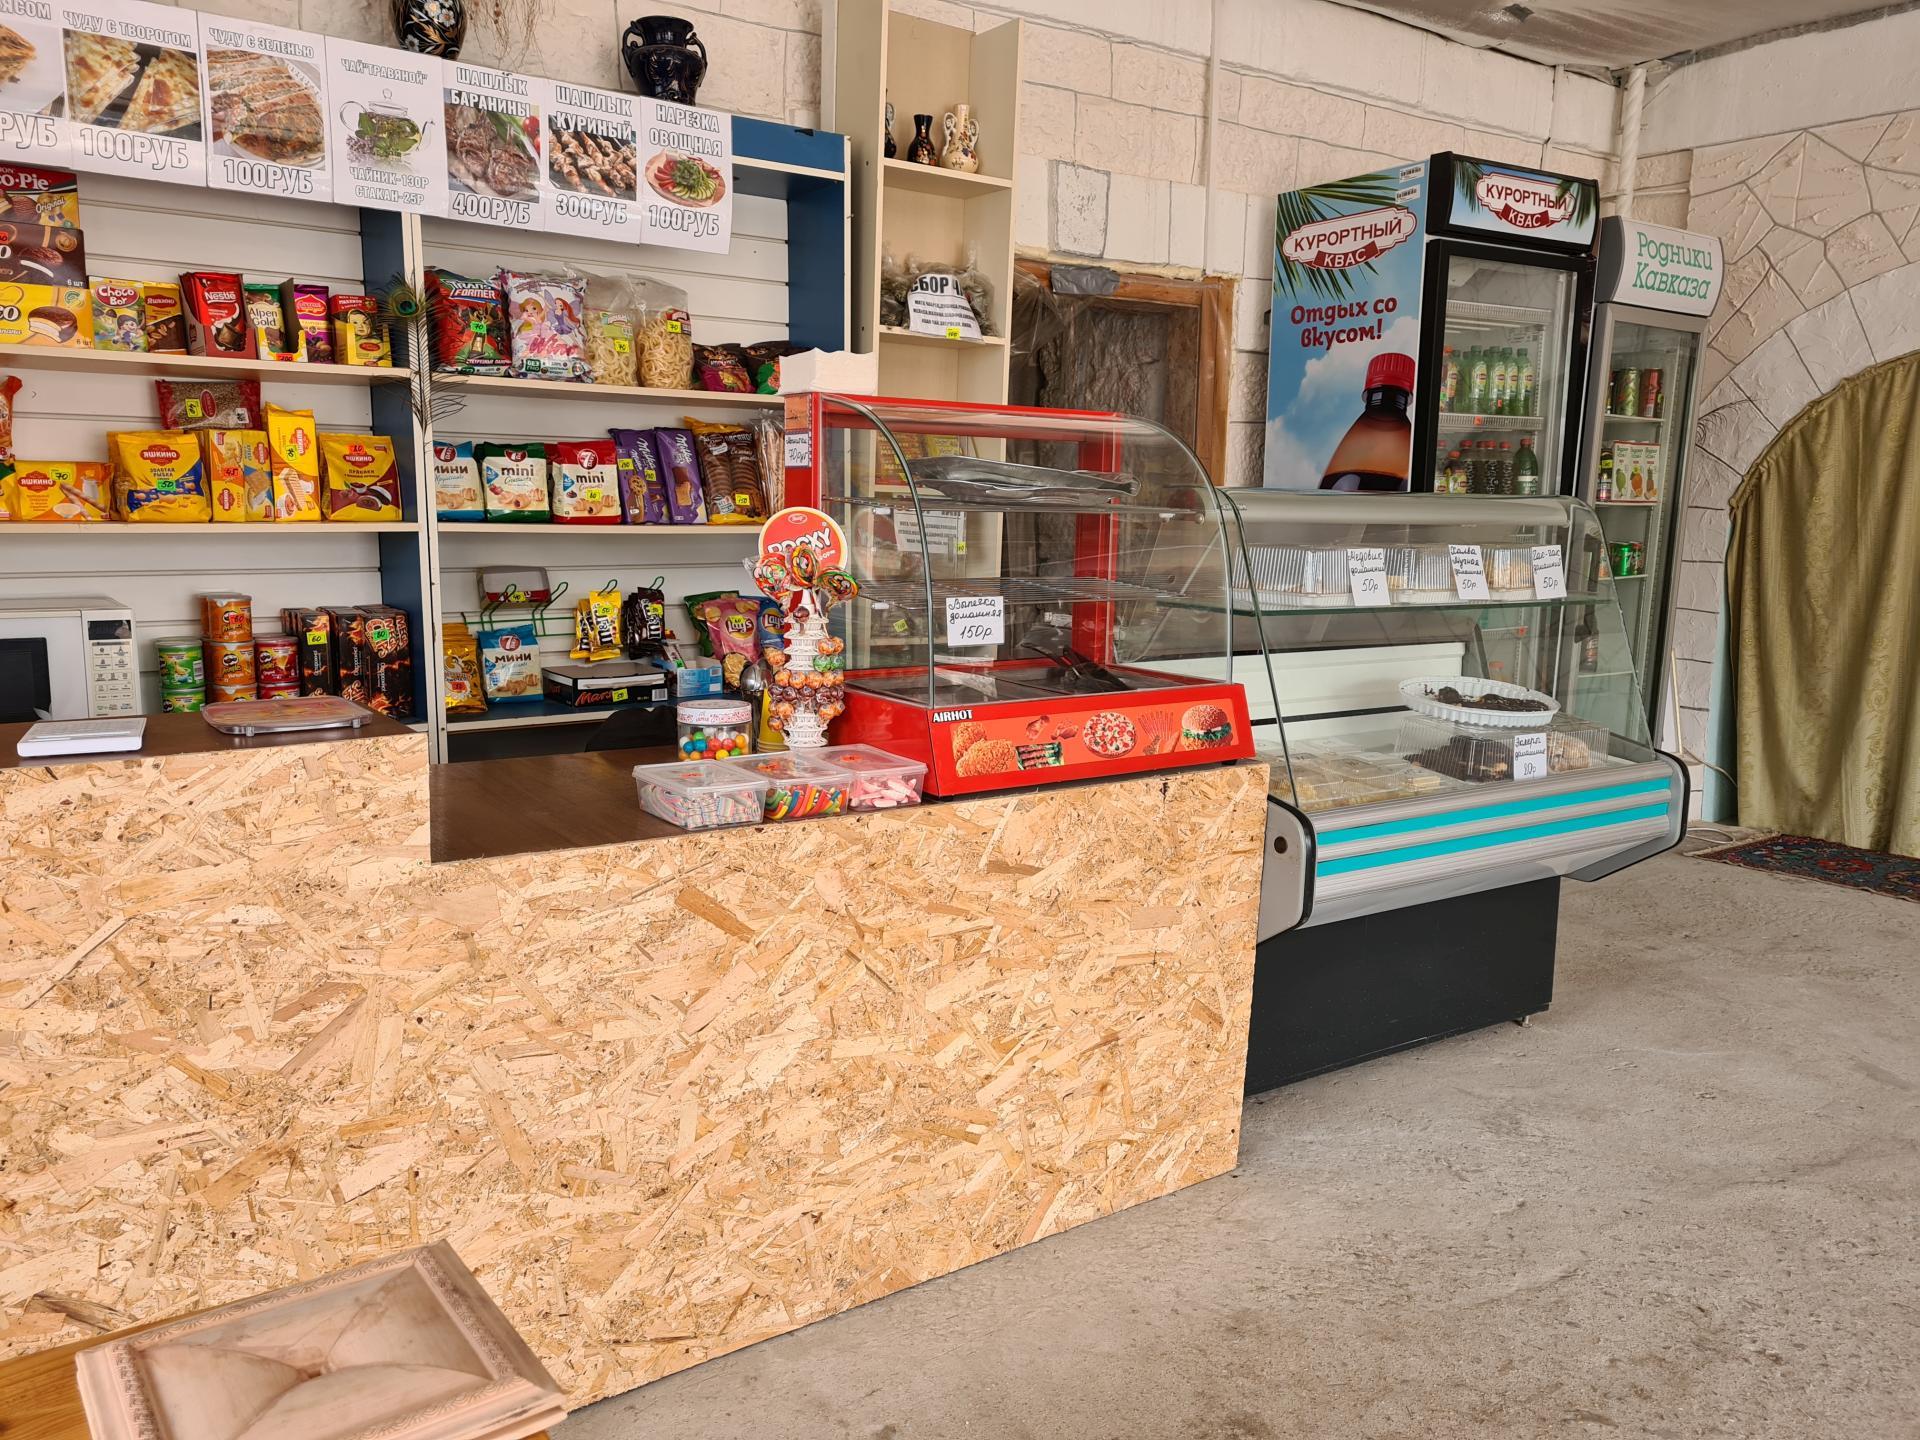 продуктовый магазин в Дагестане